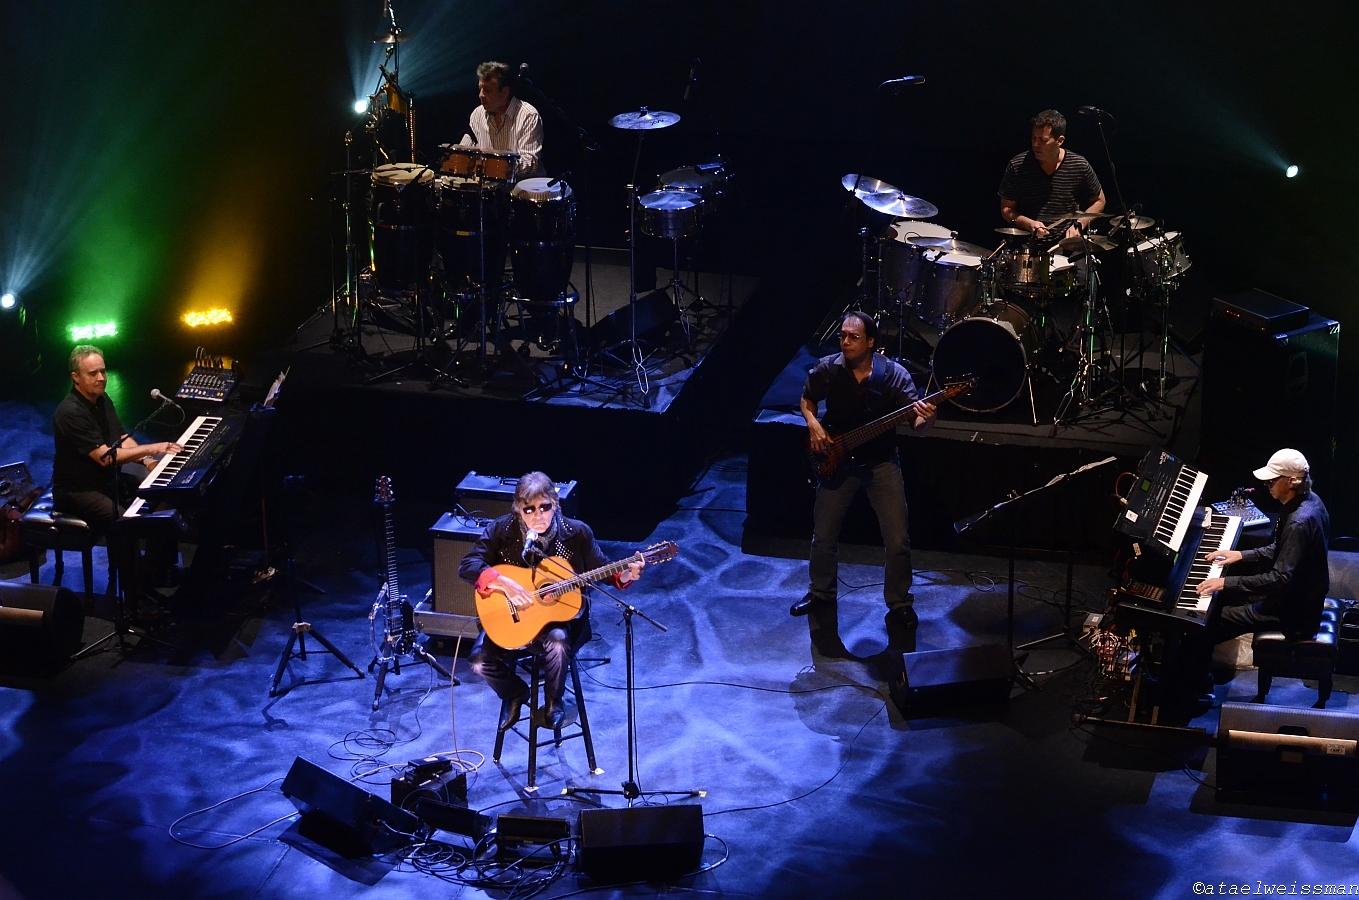 Jose Feliciano - Flato Markham Theatre 01